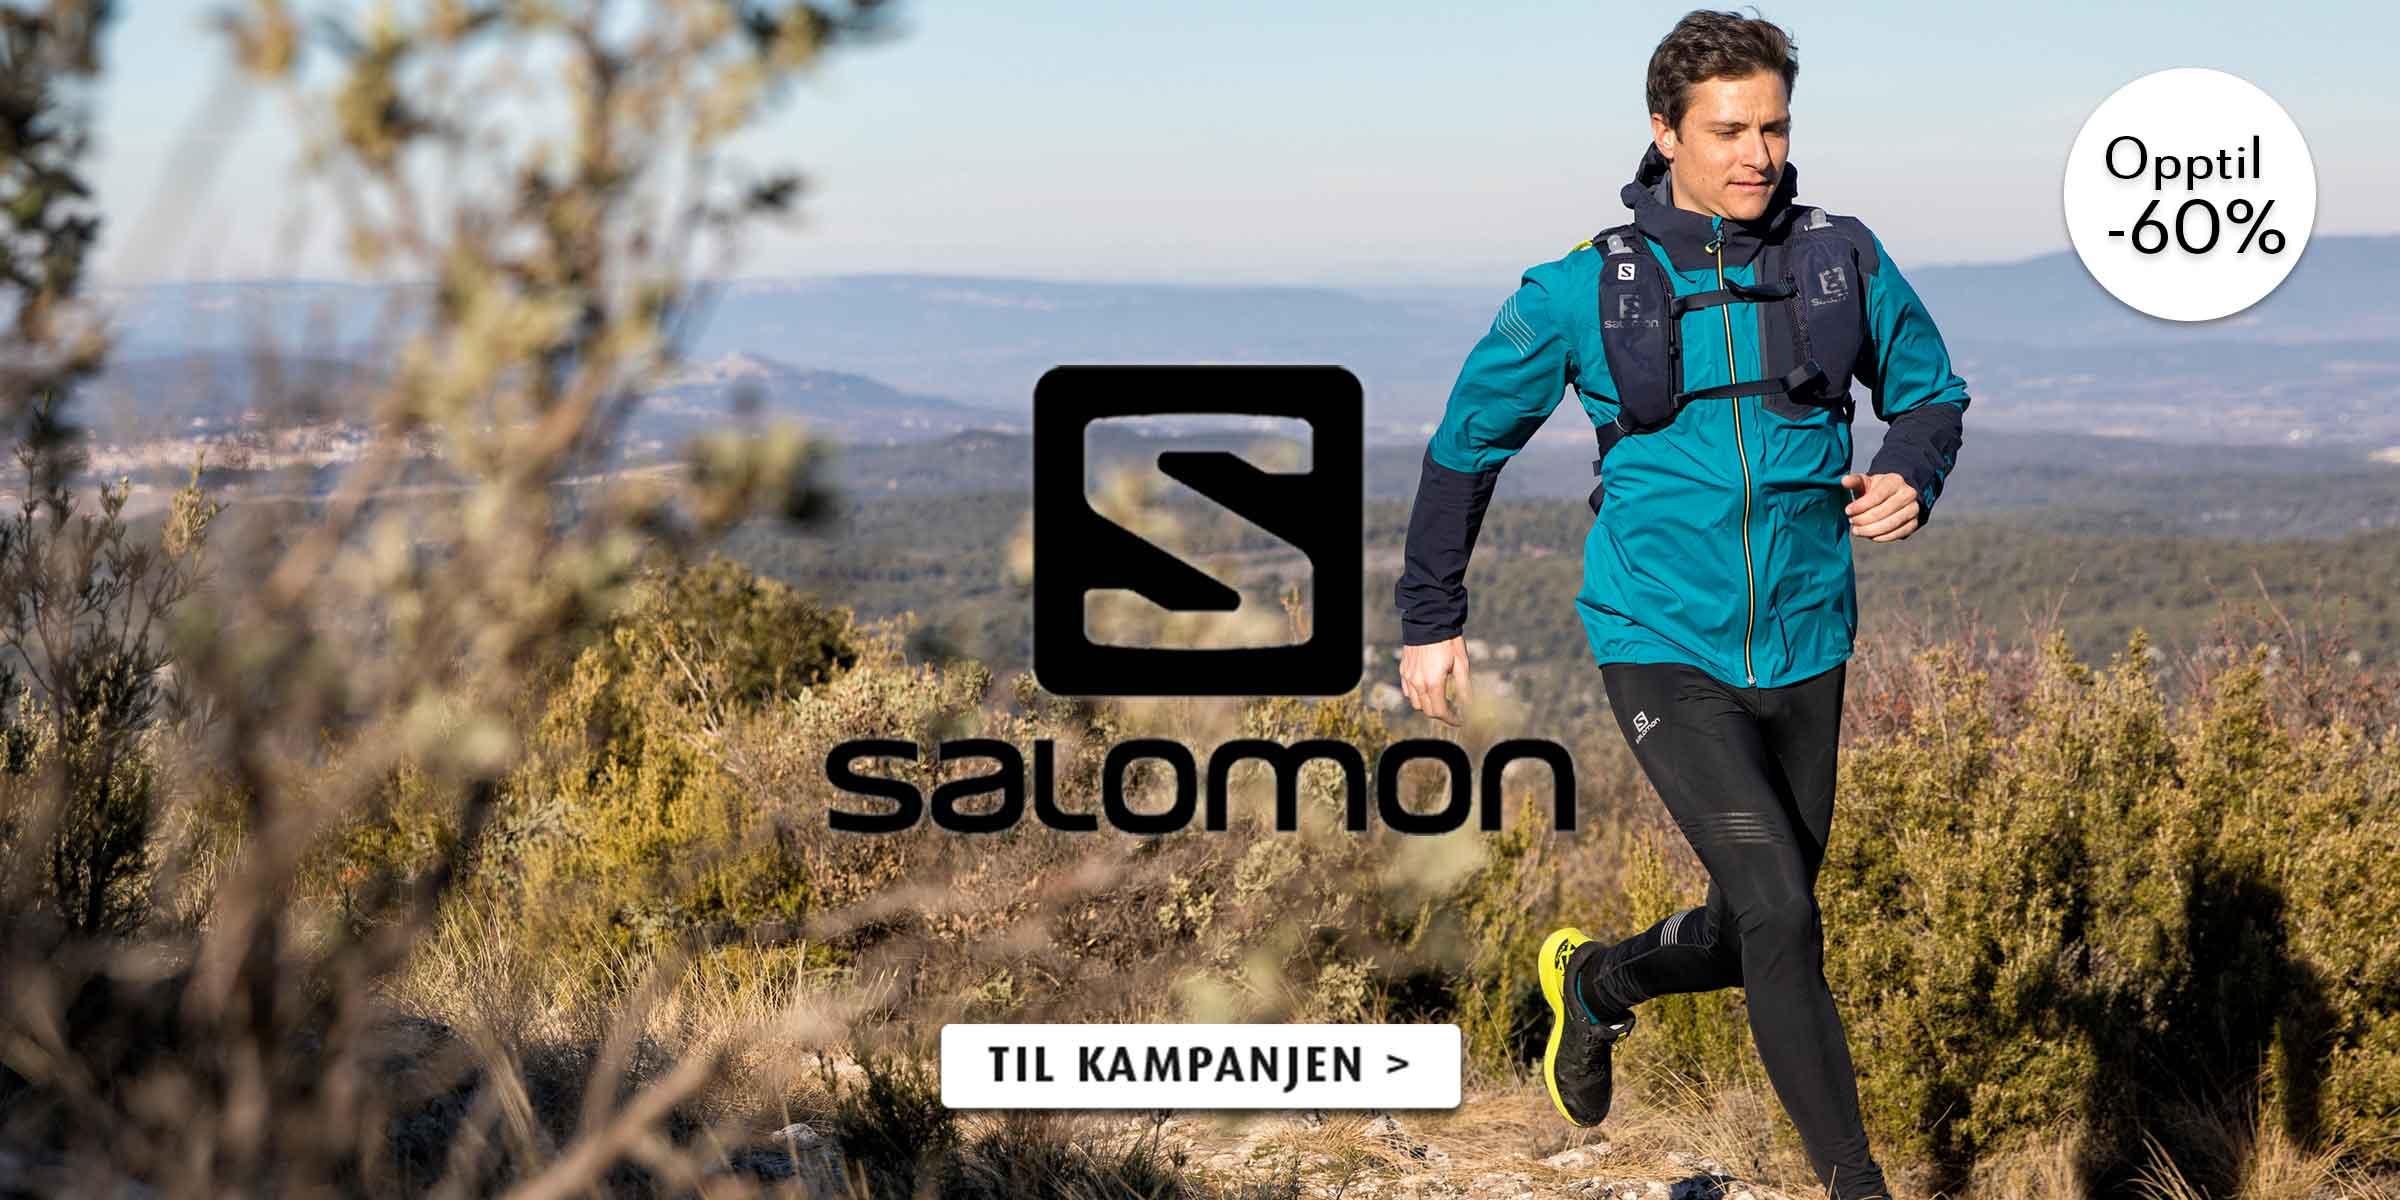 opptil -60% på Salomon